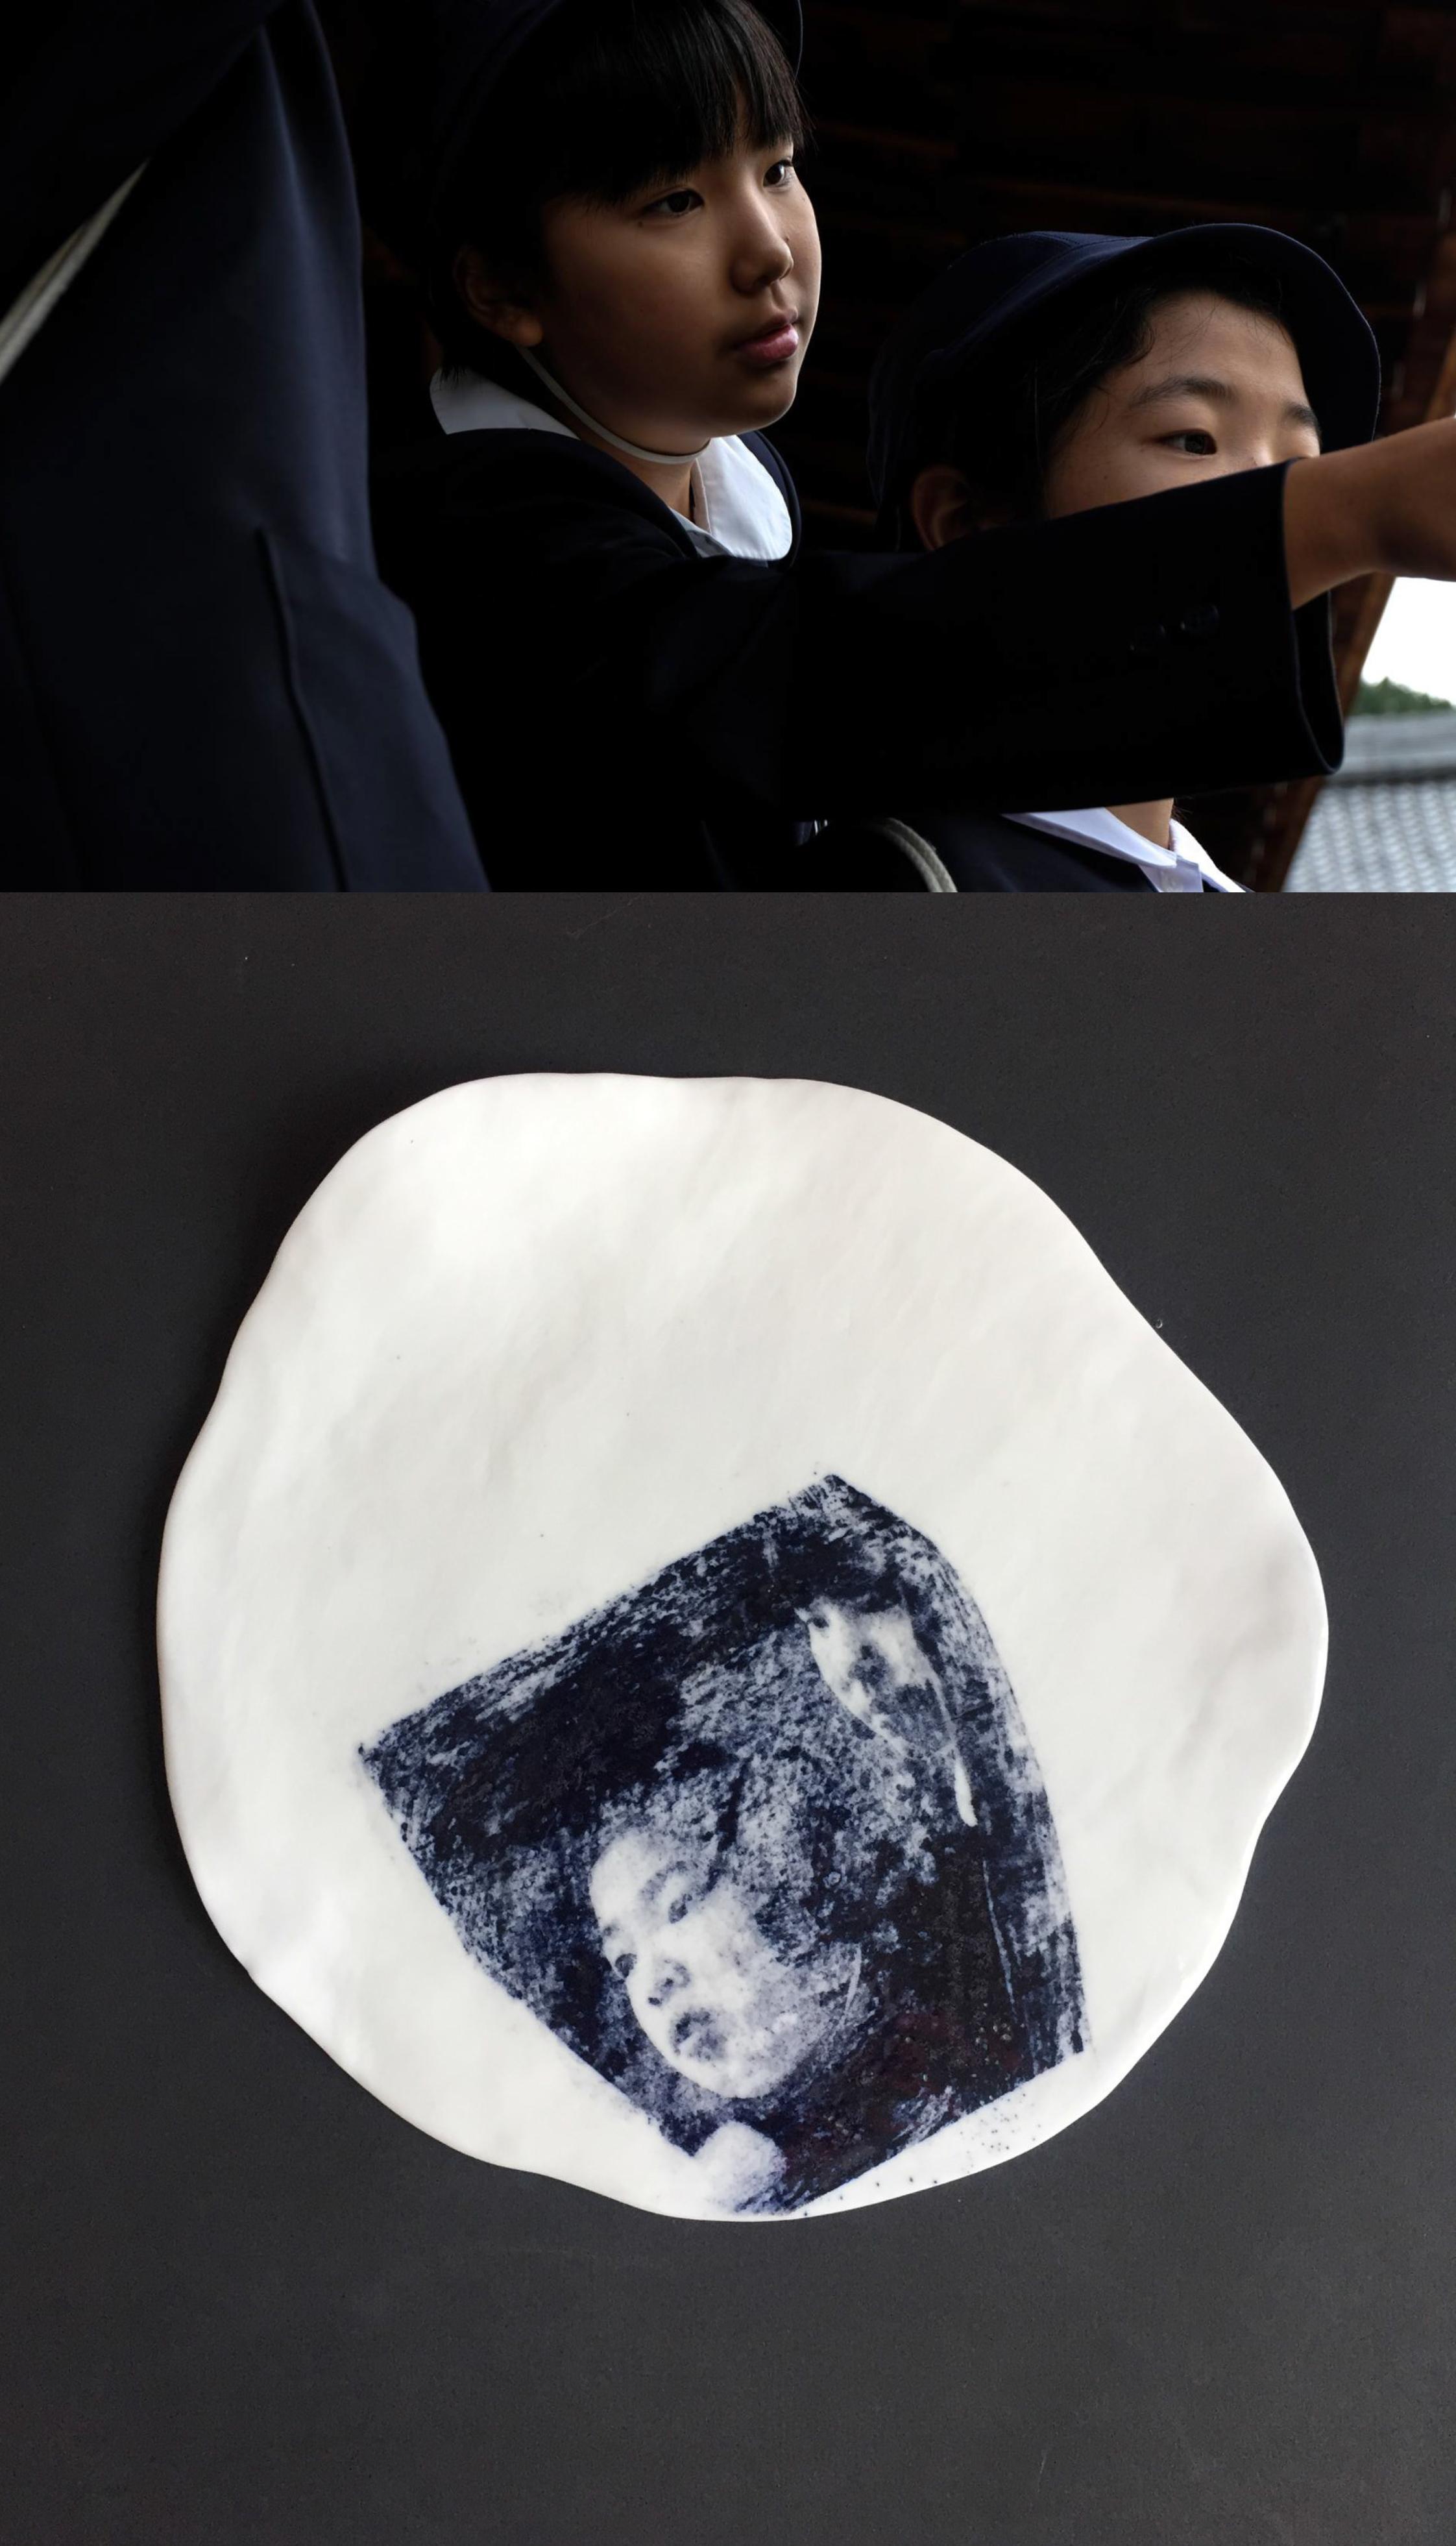 EMPIRE OF SHADOWS - Exposition Photo de Marie Poupinel & Céramique18 - 28 AvrilVernissage le Jeudi 18 Avril, 18h à 21h30 Le Citizen Hotel, 96 Quai de Jemmapes, Paris 10⧫ Prise à Kyoto cette série photo vous plonge dans l'univers du clair-obscur, de pierres mousseuses, et poésie ténébreuse. Elle sera accompagnée d'une collection limitée de mes tirages transférés sur des assiettes en porcelaine faites-main par Isabelle Poupinel. ⧫Shot in Kyoto last autumn this photo series draws you into a world where mystery and beauty lurk side by side in the shade. Also on display will be a bespoke collection of my prints transferred onto porcelain vessels hand-made by Isabelle Poupinel